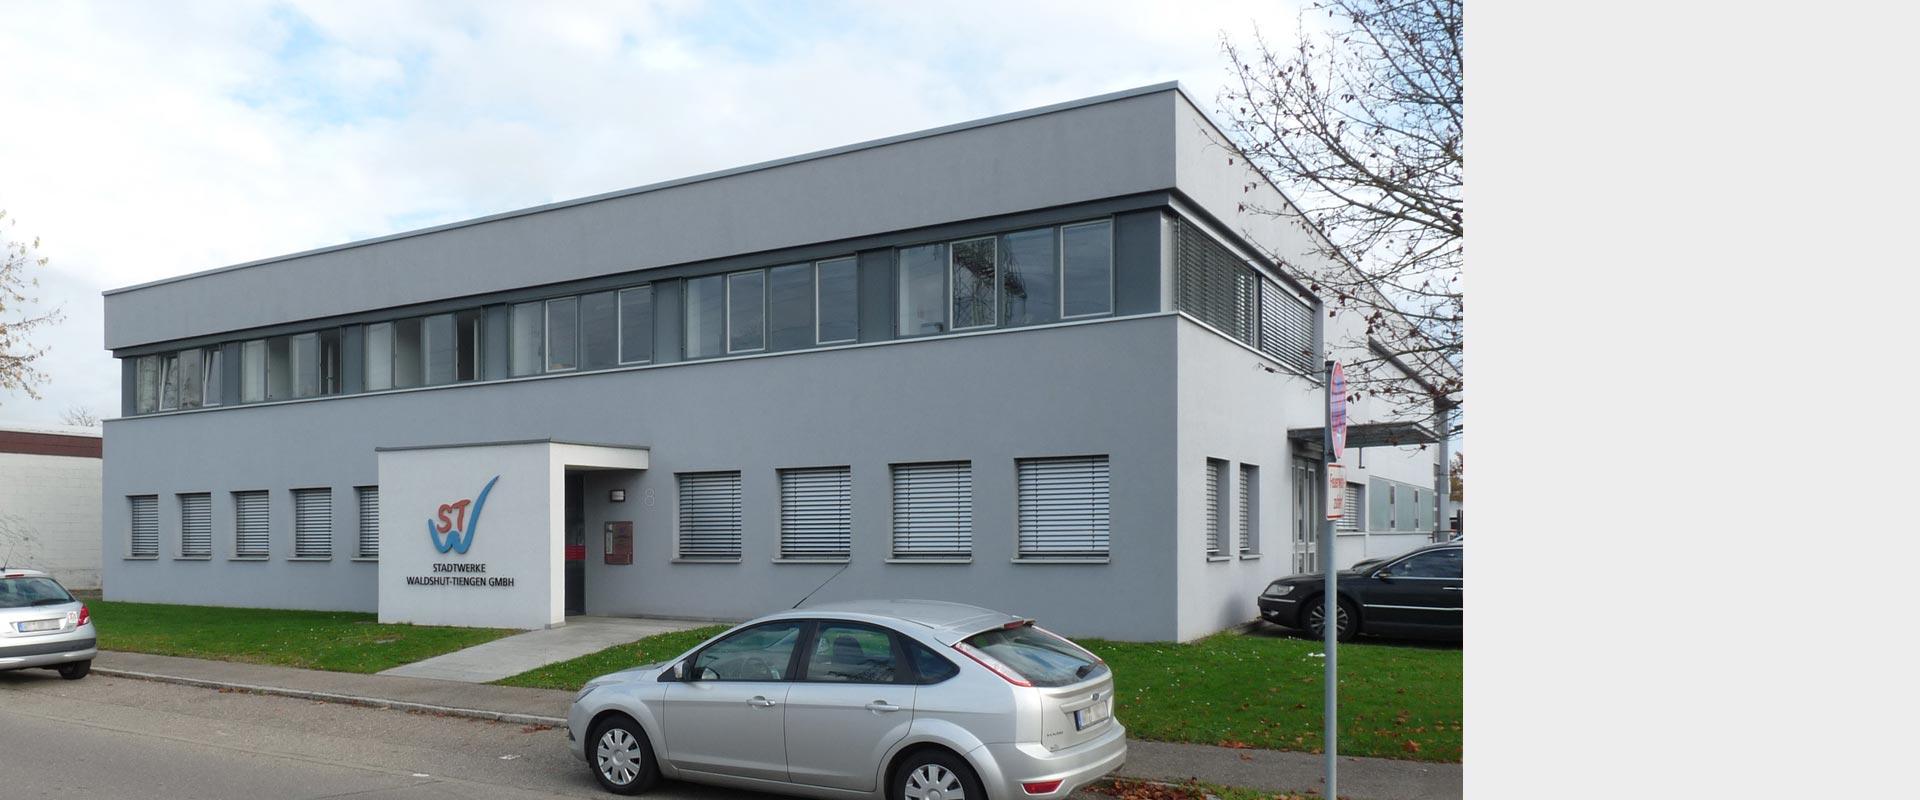 Stadtwerke Waldshut-Tiengen